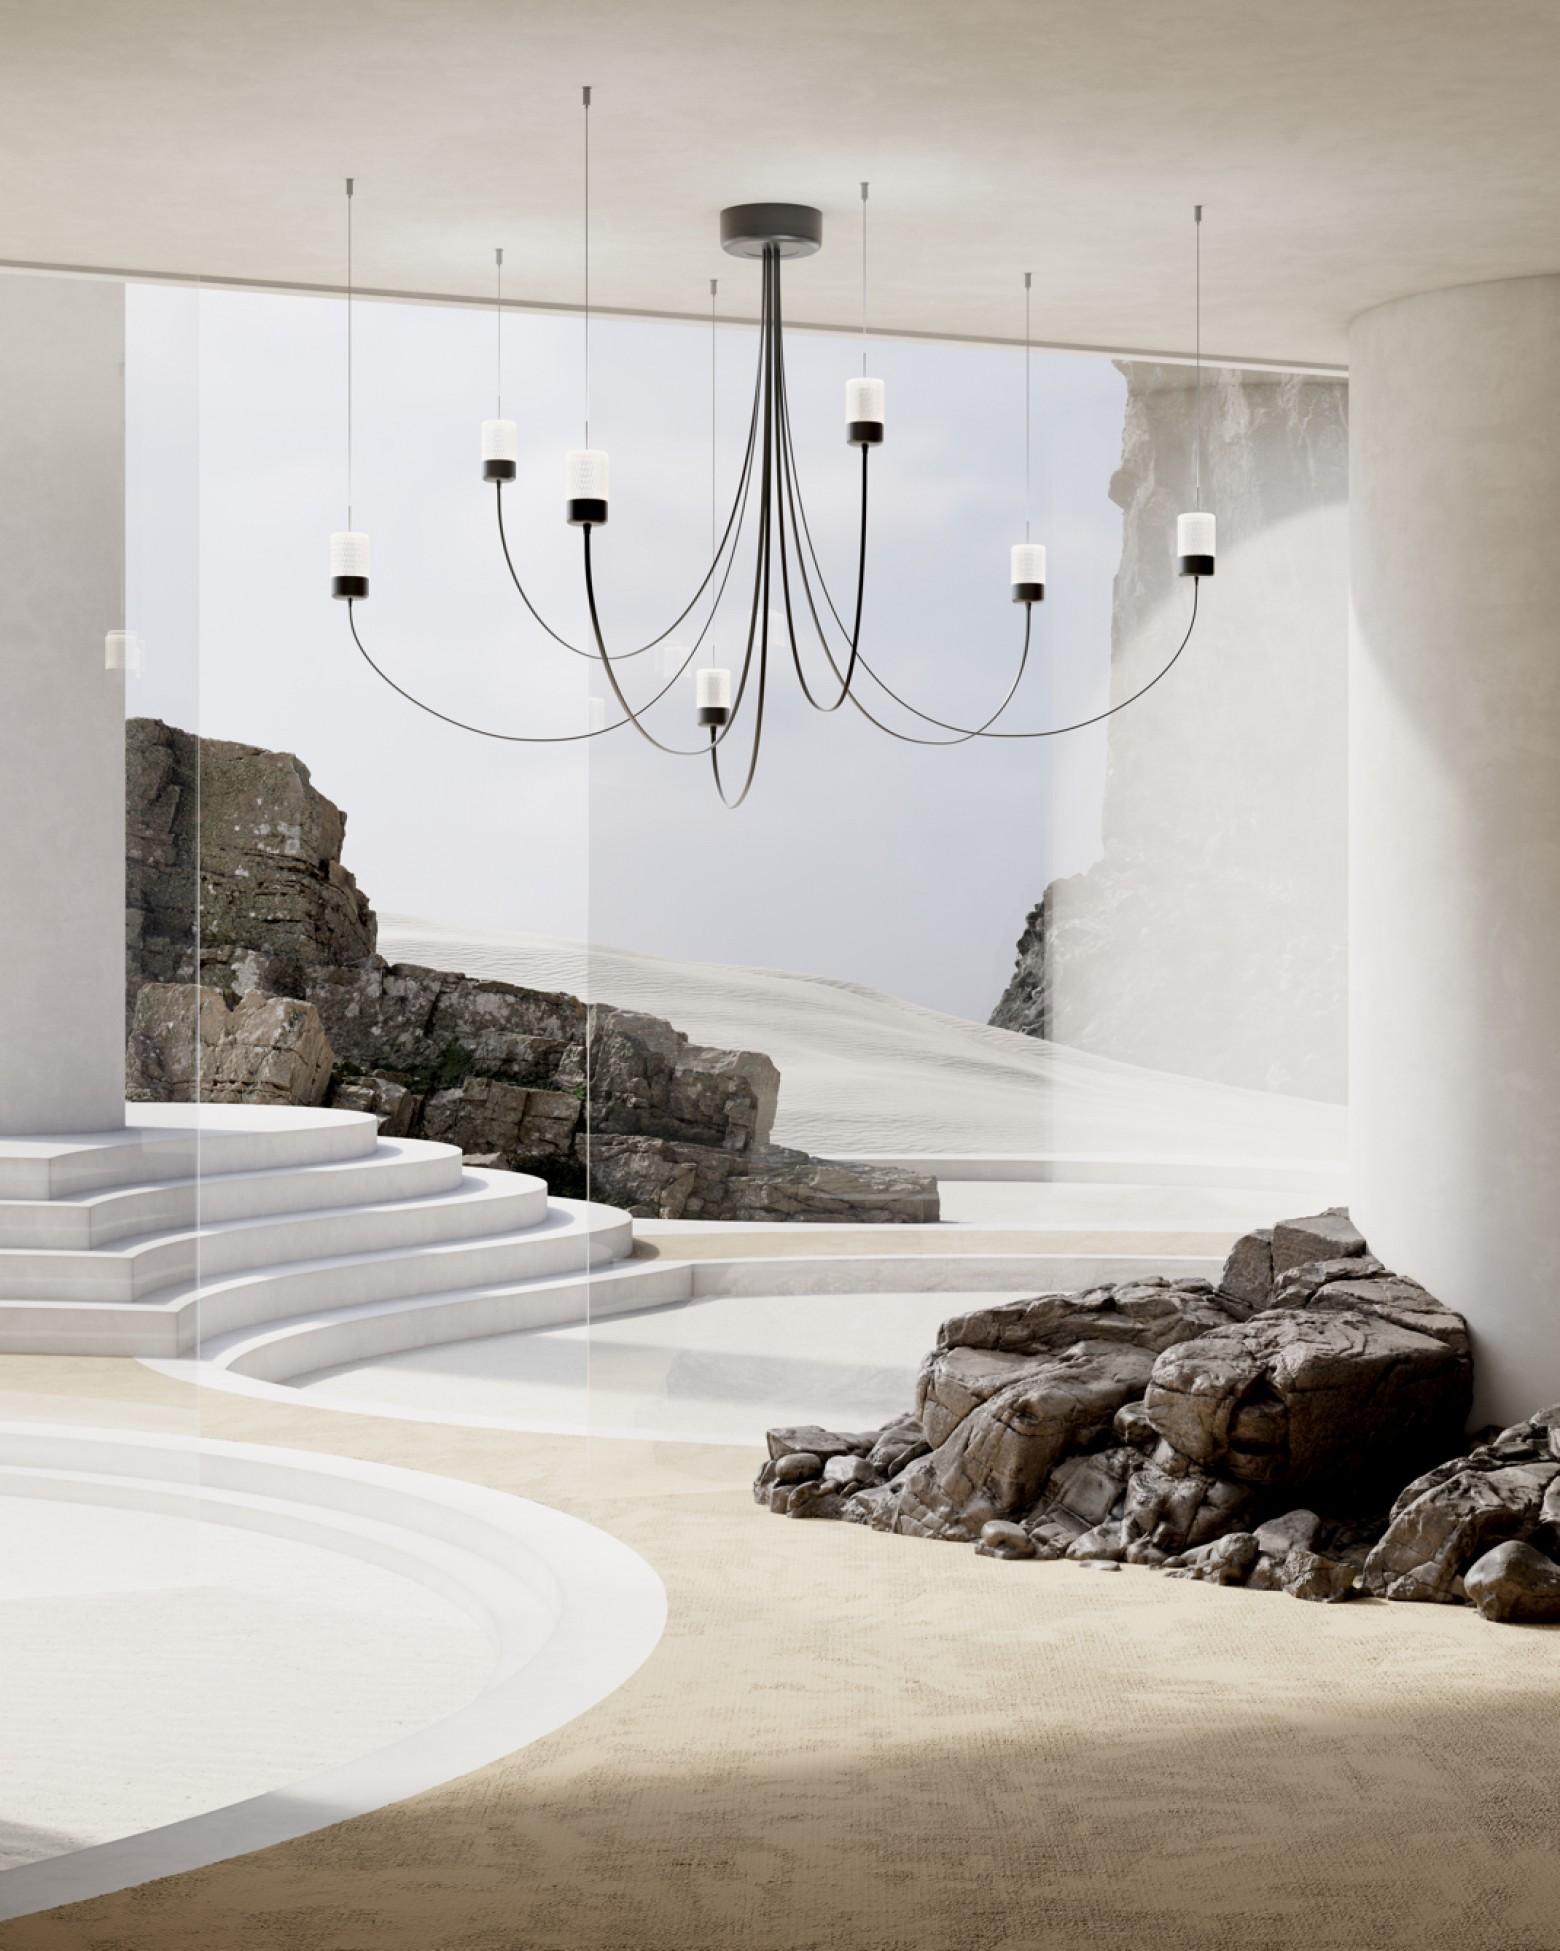 Gravity Chandelier 7 : un hommage aux lustres d'antan Victors Design Agency